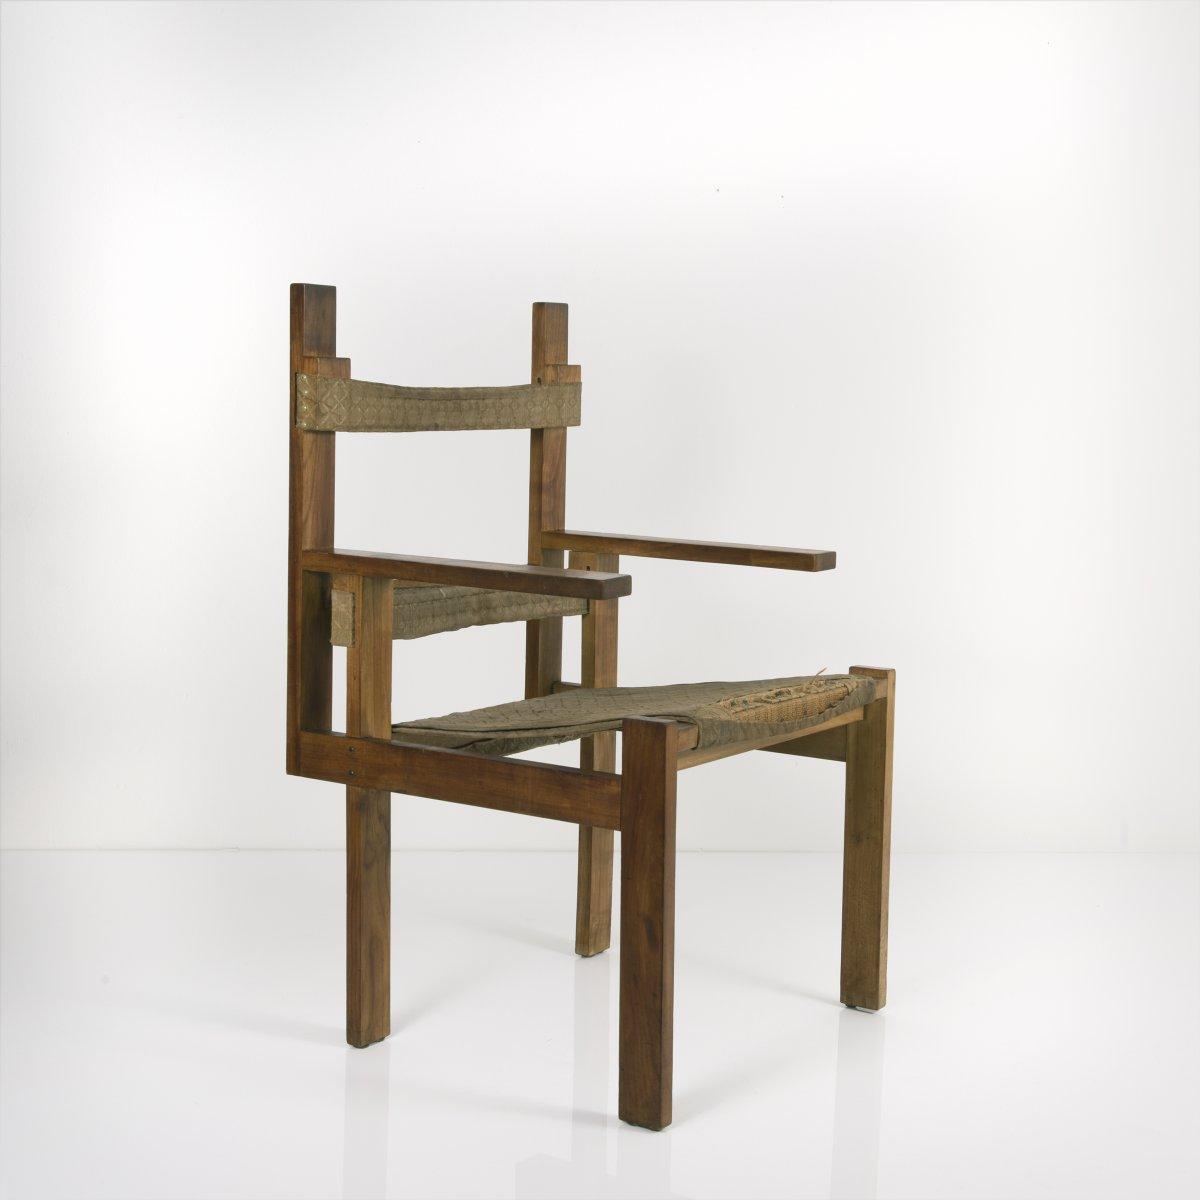 Los 7 - Marcel Breuer, 'Lattenstuhl ti 1a', 1924'Lattenstuhl ti 1a', 1924H. 95,2 x 56 x 57,7 cm;